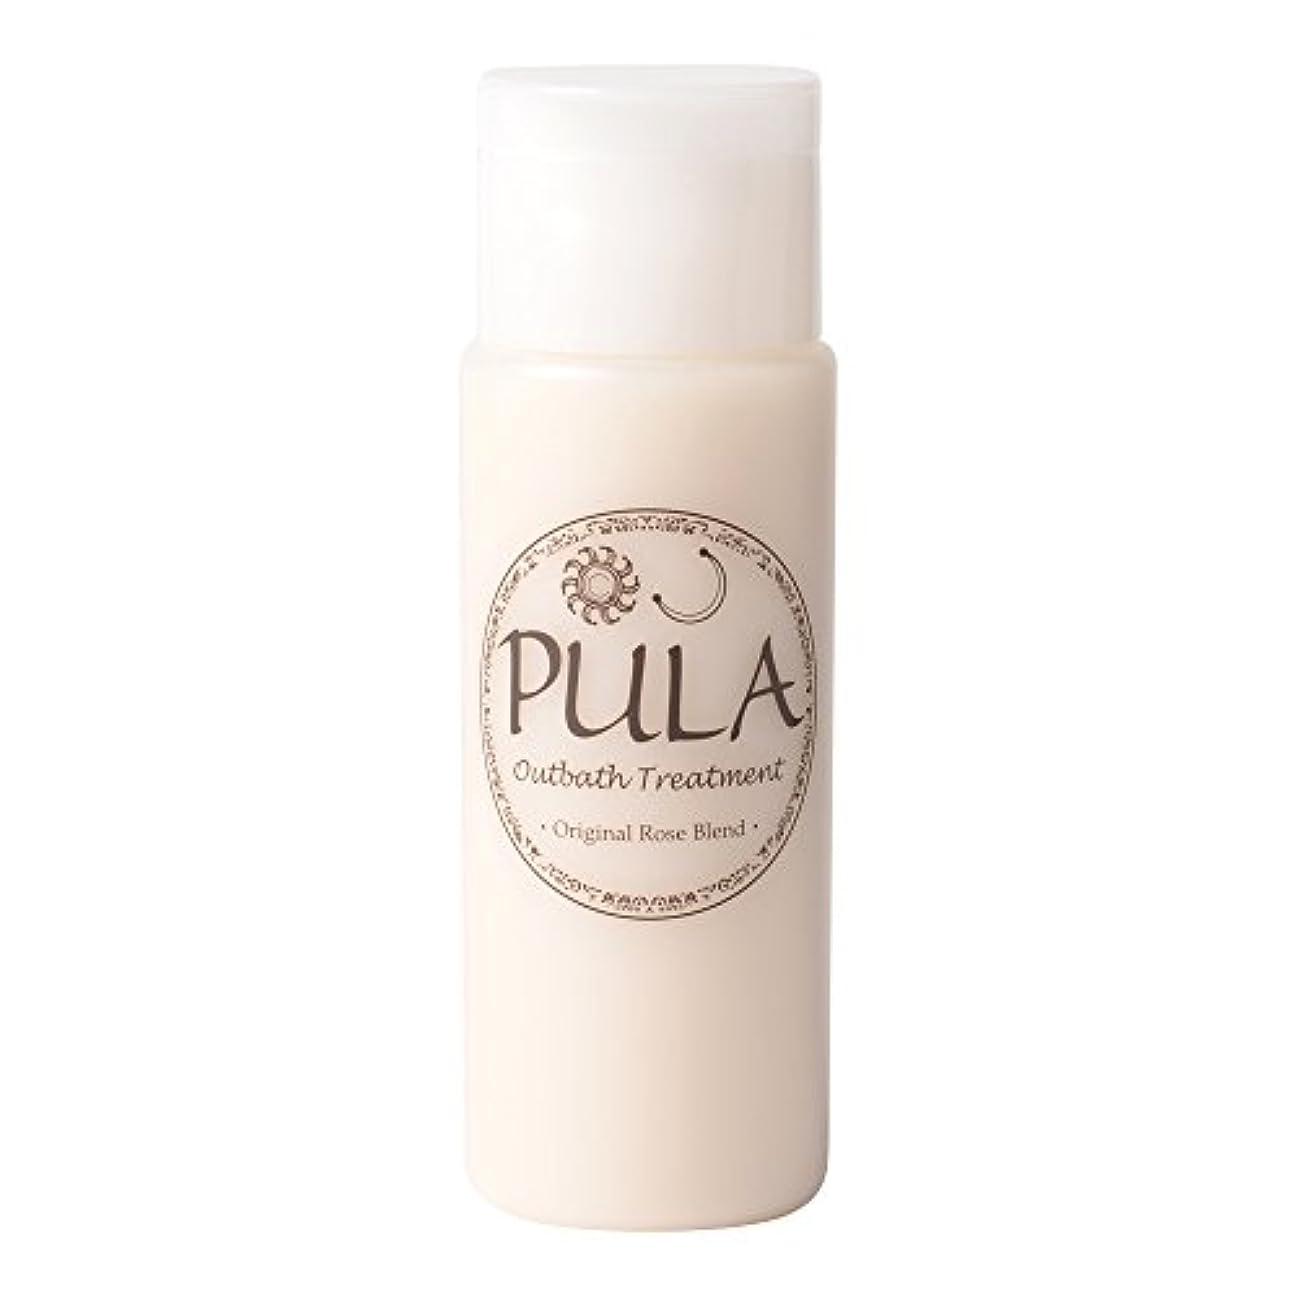 注文吐く真実プーラ アウトバストリートメント 150mL 【ローズの香り】洗い流さないタイプのトリートメント  ヘッドスパ専門店 PULA